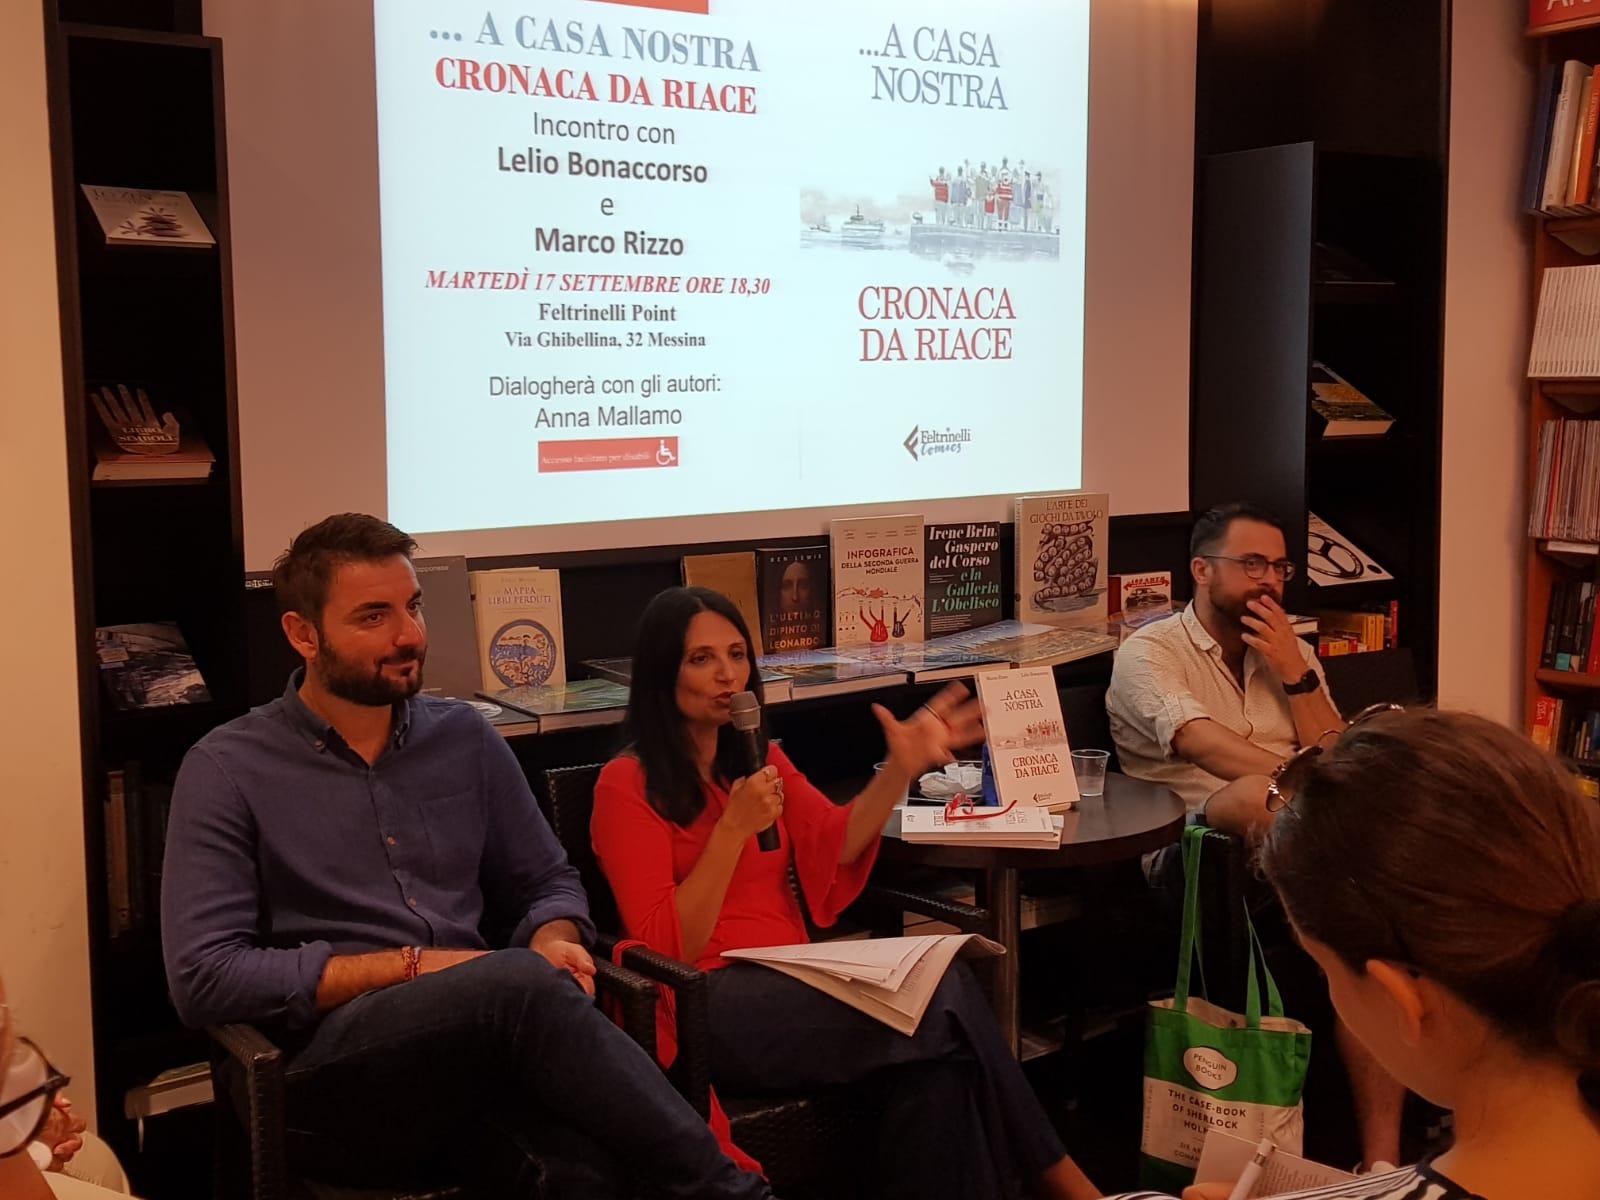 """Messina: """"Cronaca da Riace"""" con Bonaccorso e Rizzo sull'immigrazione in Italia"""